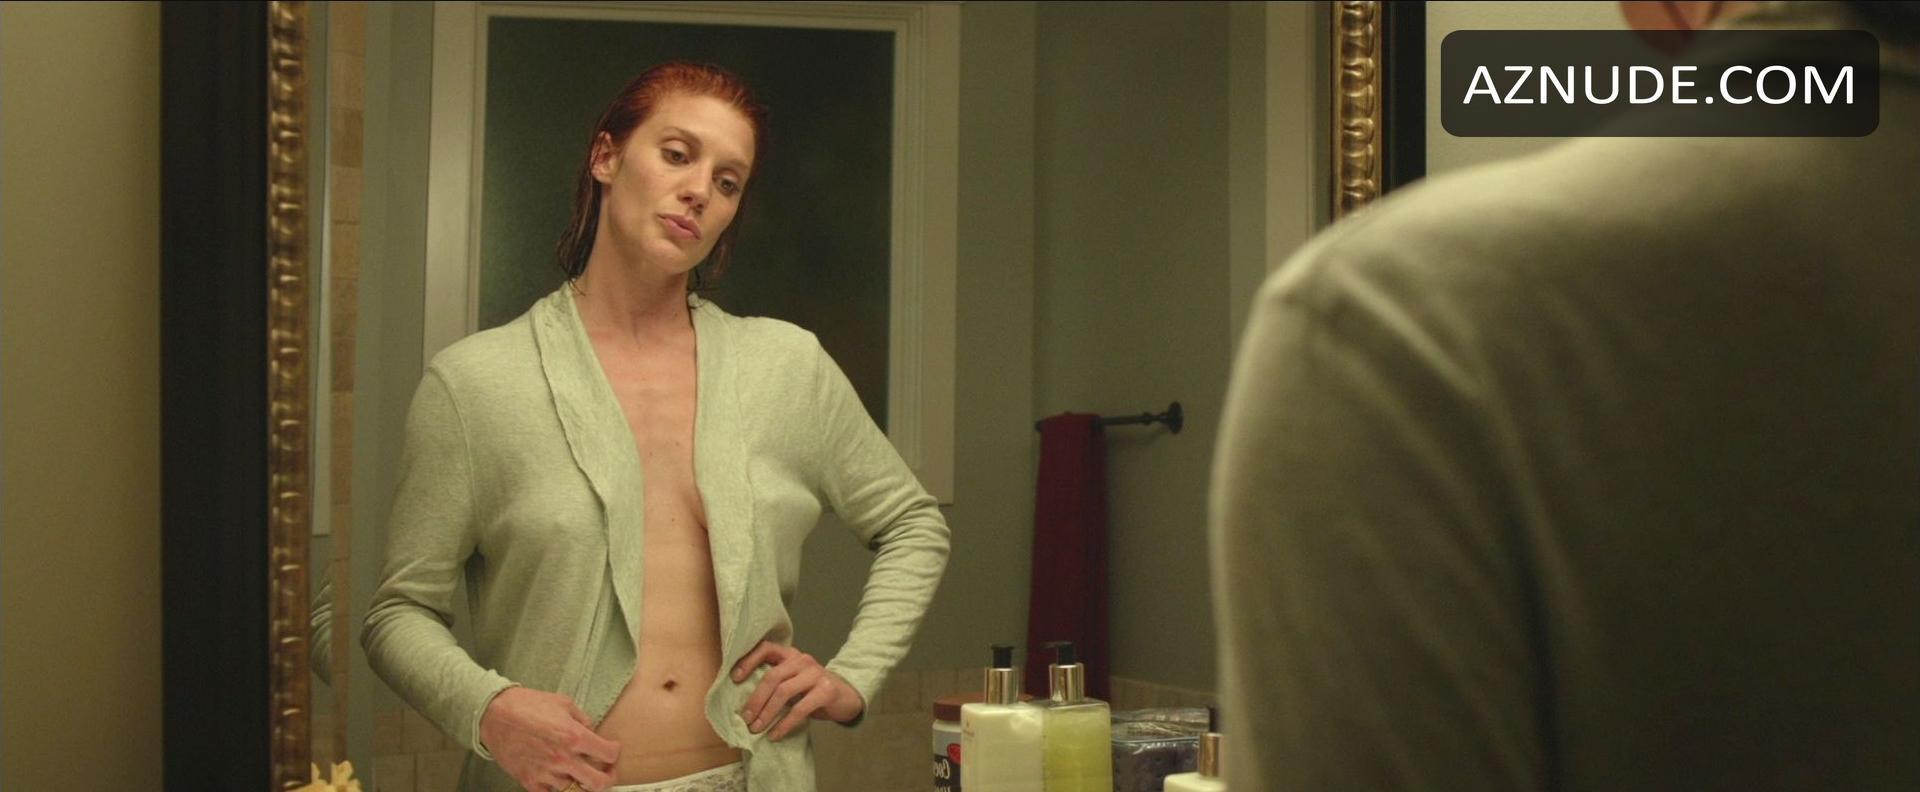 katee sackhoff naked sex porn